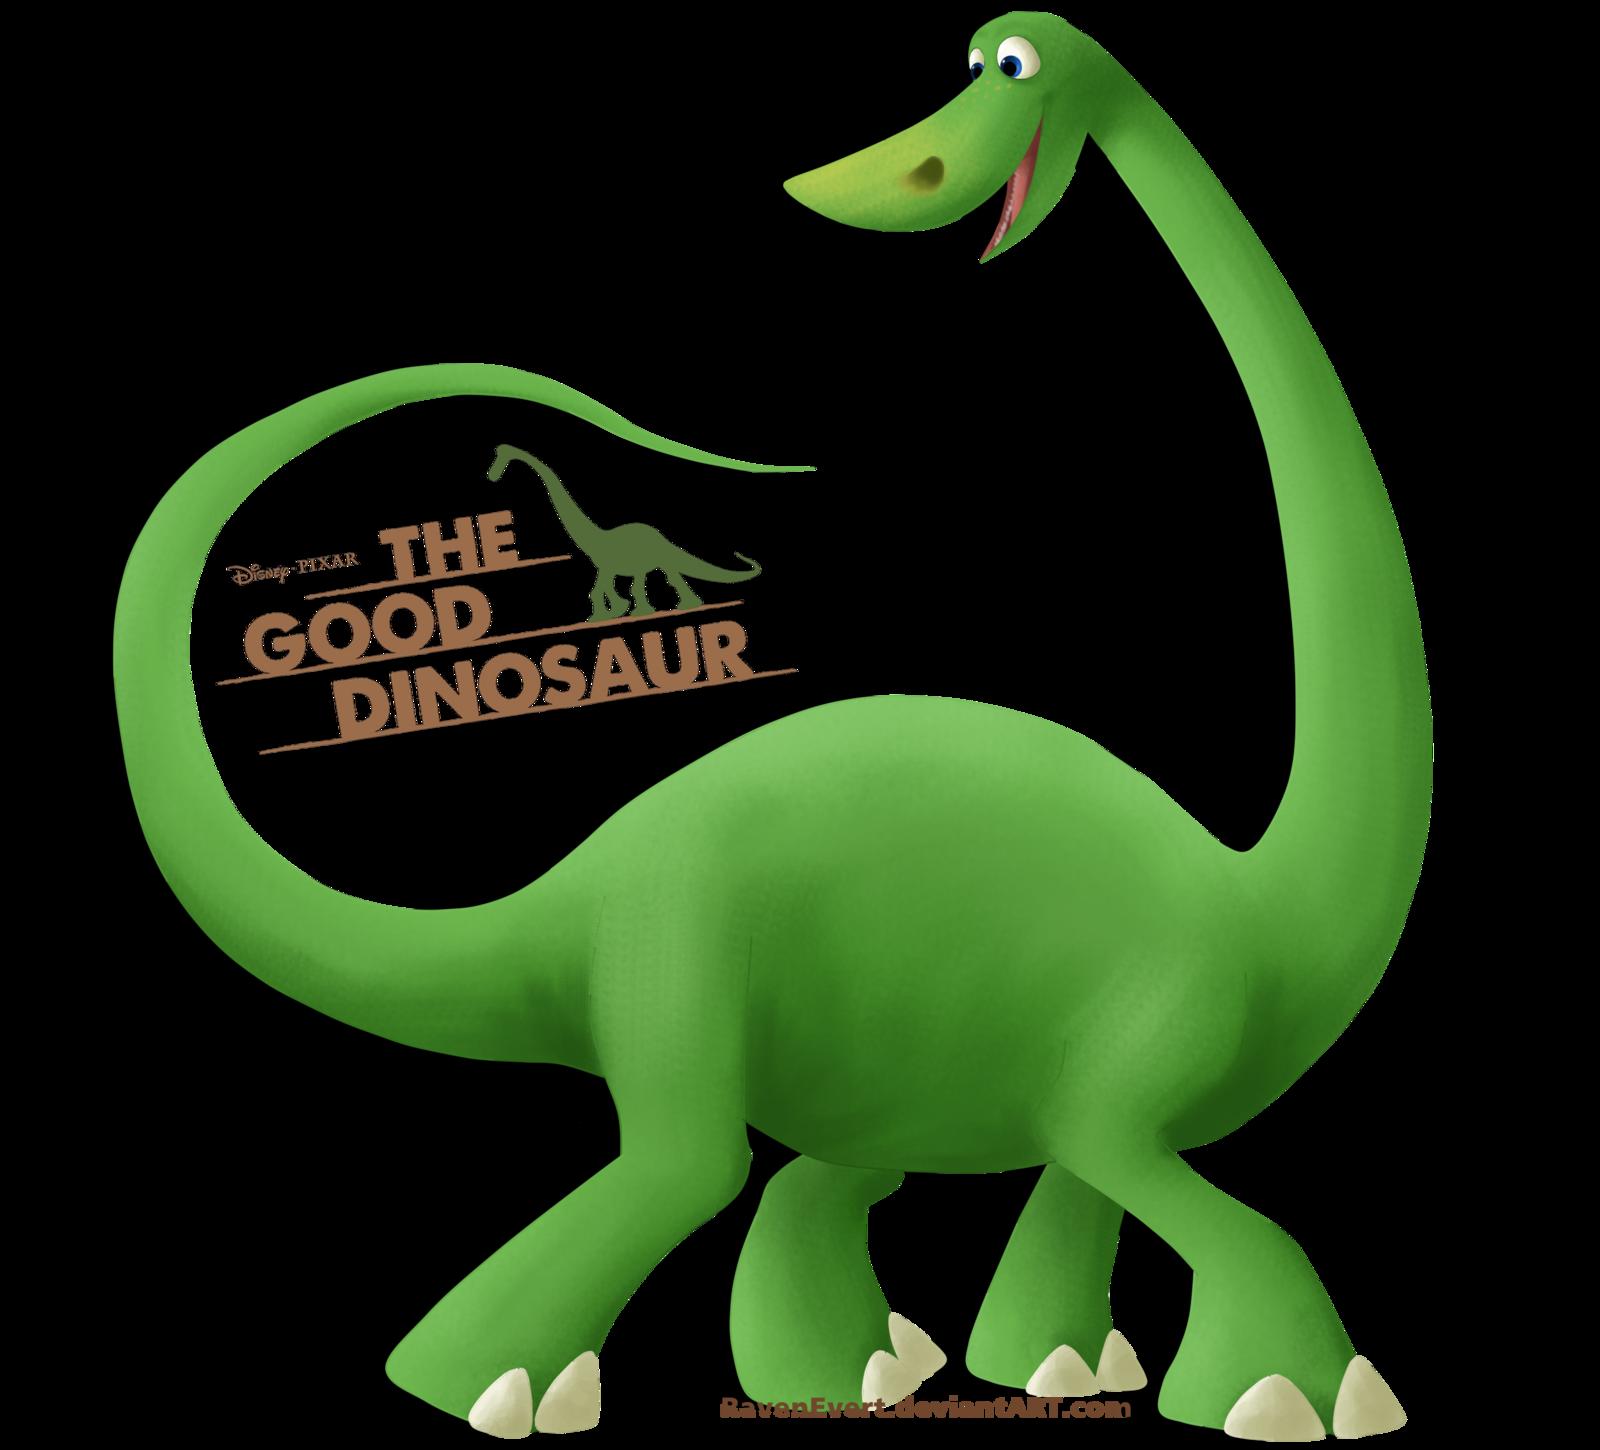 Dinosaurs clipart vector. Arlo the good dinosaur